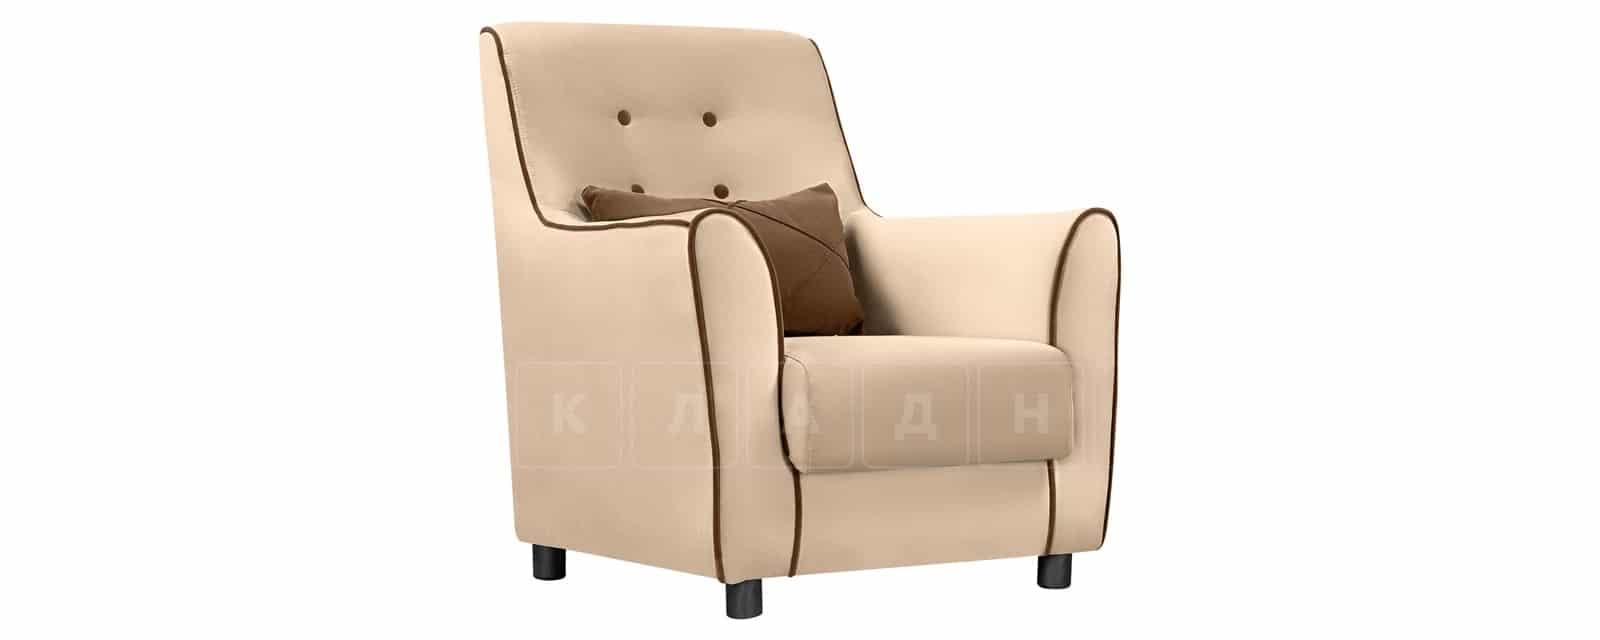 Кресло Флэтфорд велюр бежевый с коричневым кантом фото 1 | интернет-магазин Складно